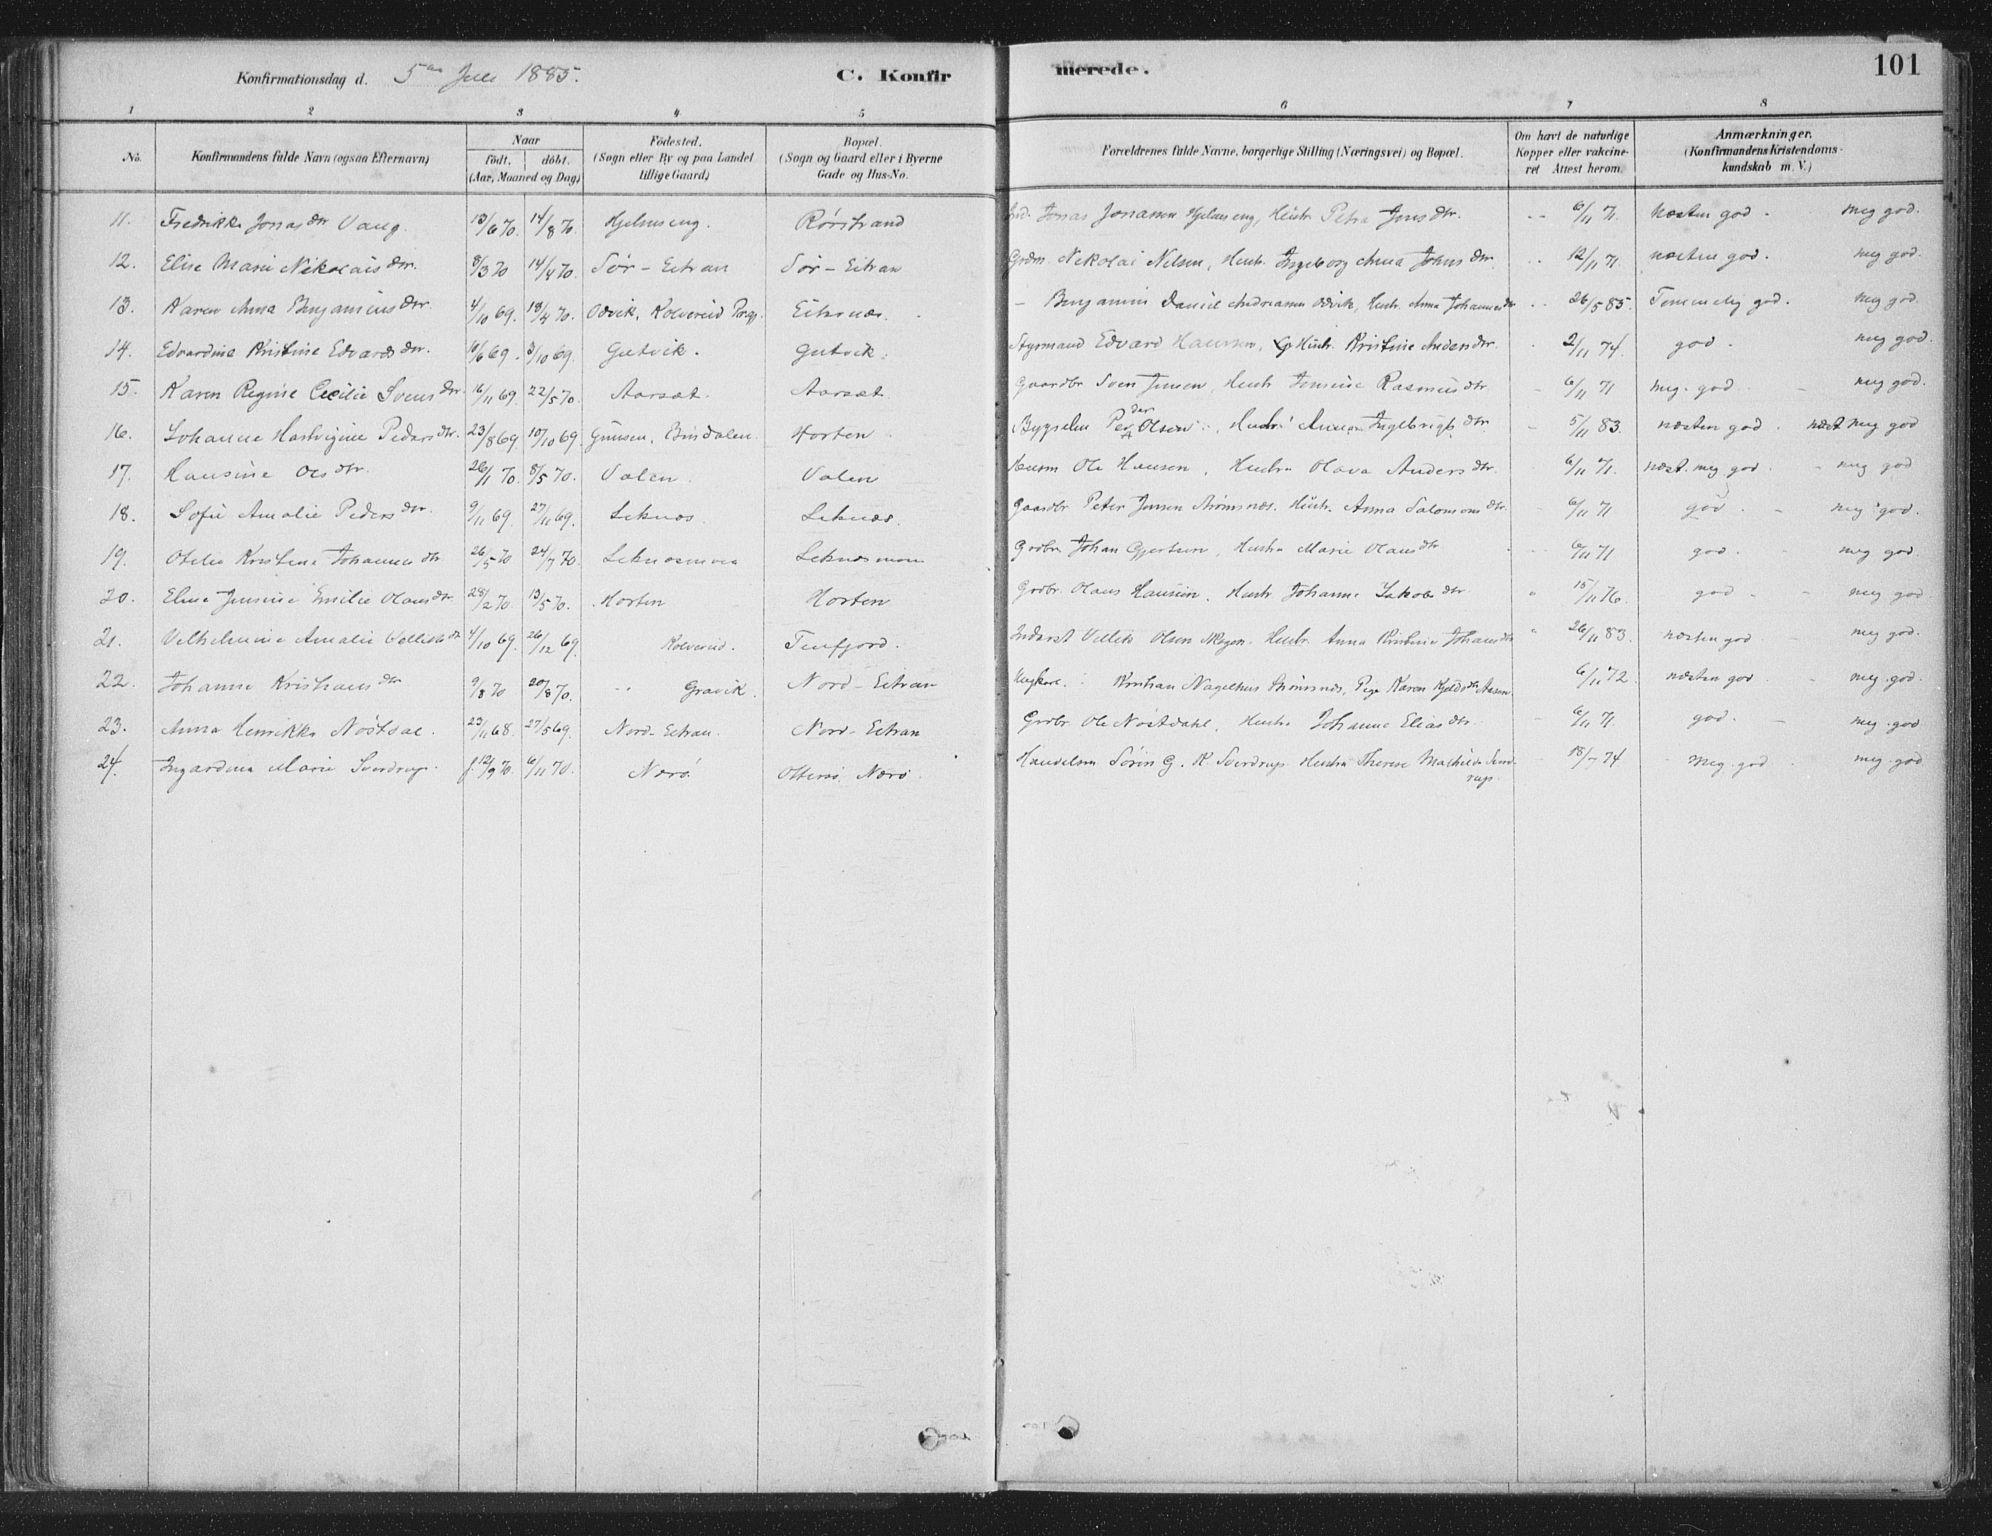 SAT, Ministerialprotokoller, klokkerbøker og fødselsregistre - Nord-Trøndelag, 788/L0697: Ministerialbok nr. 788A04, 1878-1902, s. 101